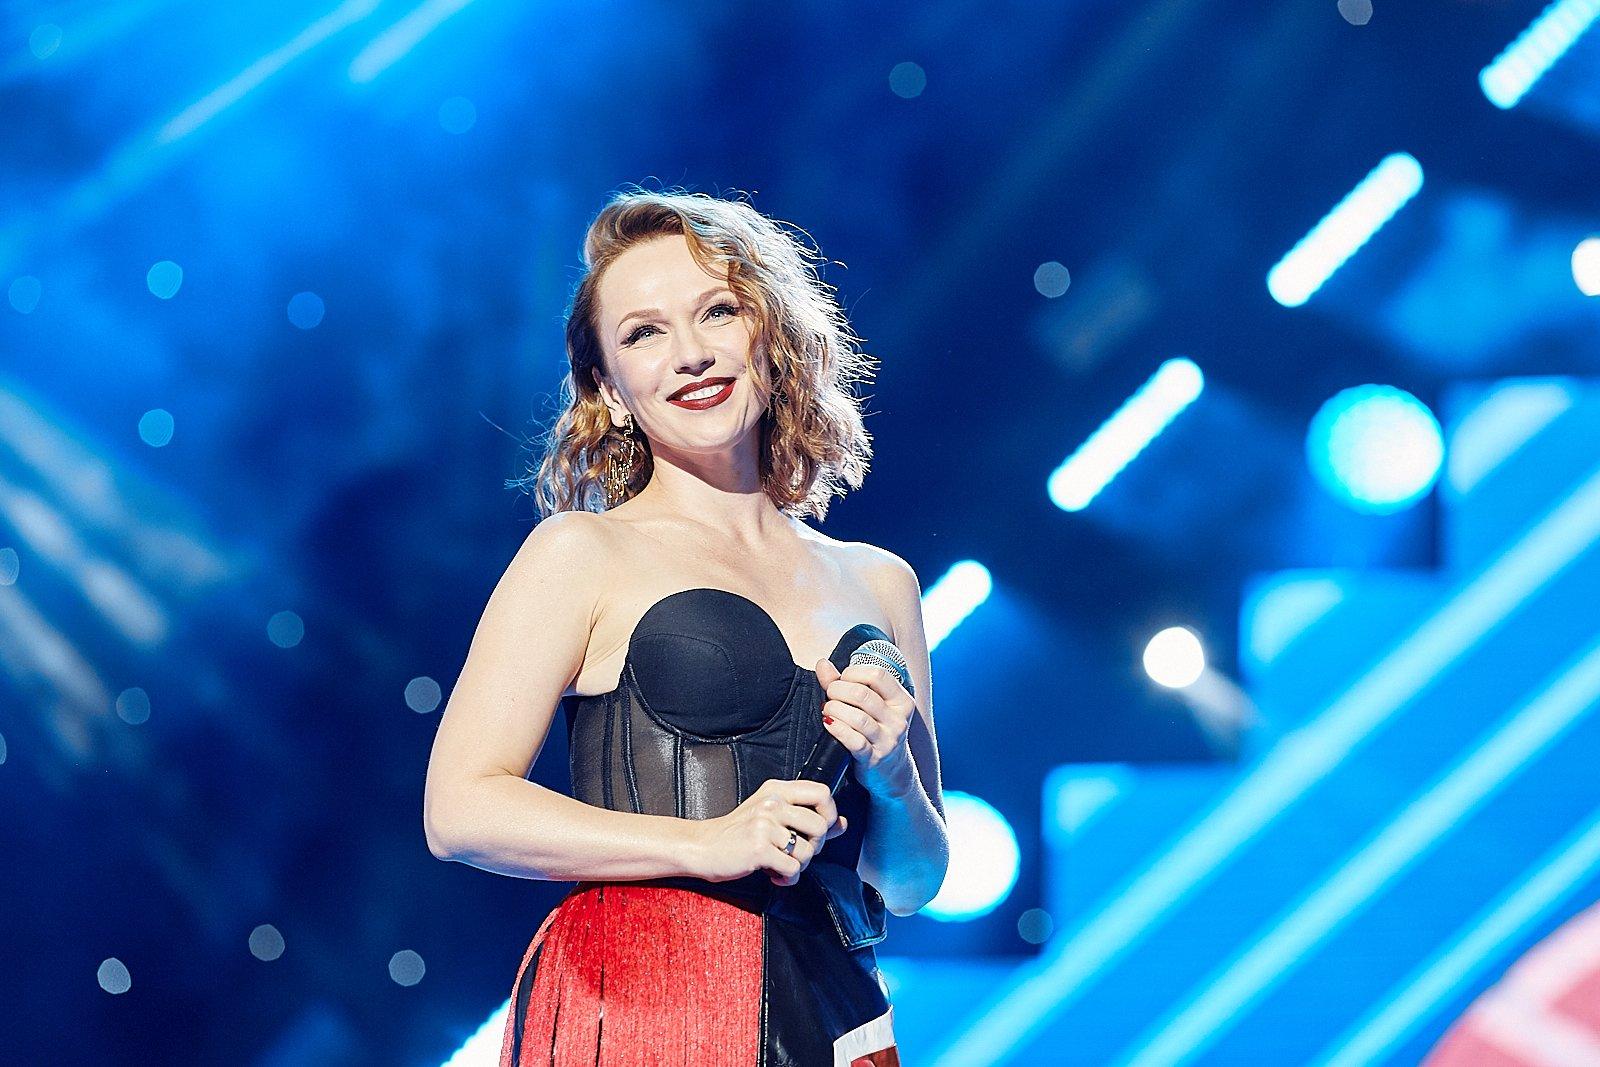 Альбина Джанабаева рассказала о романтичном поступке Валерия Меладзе